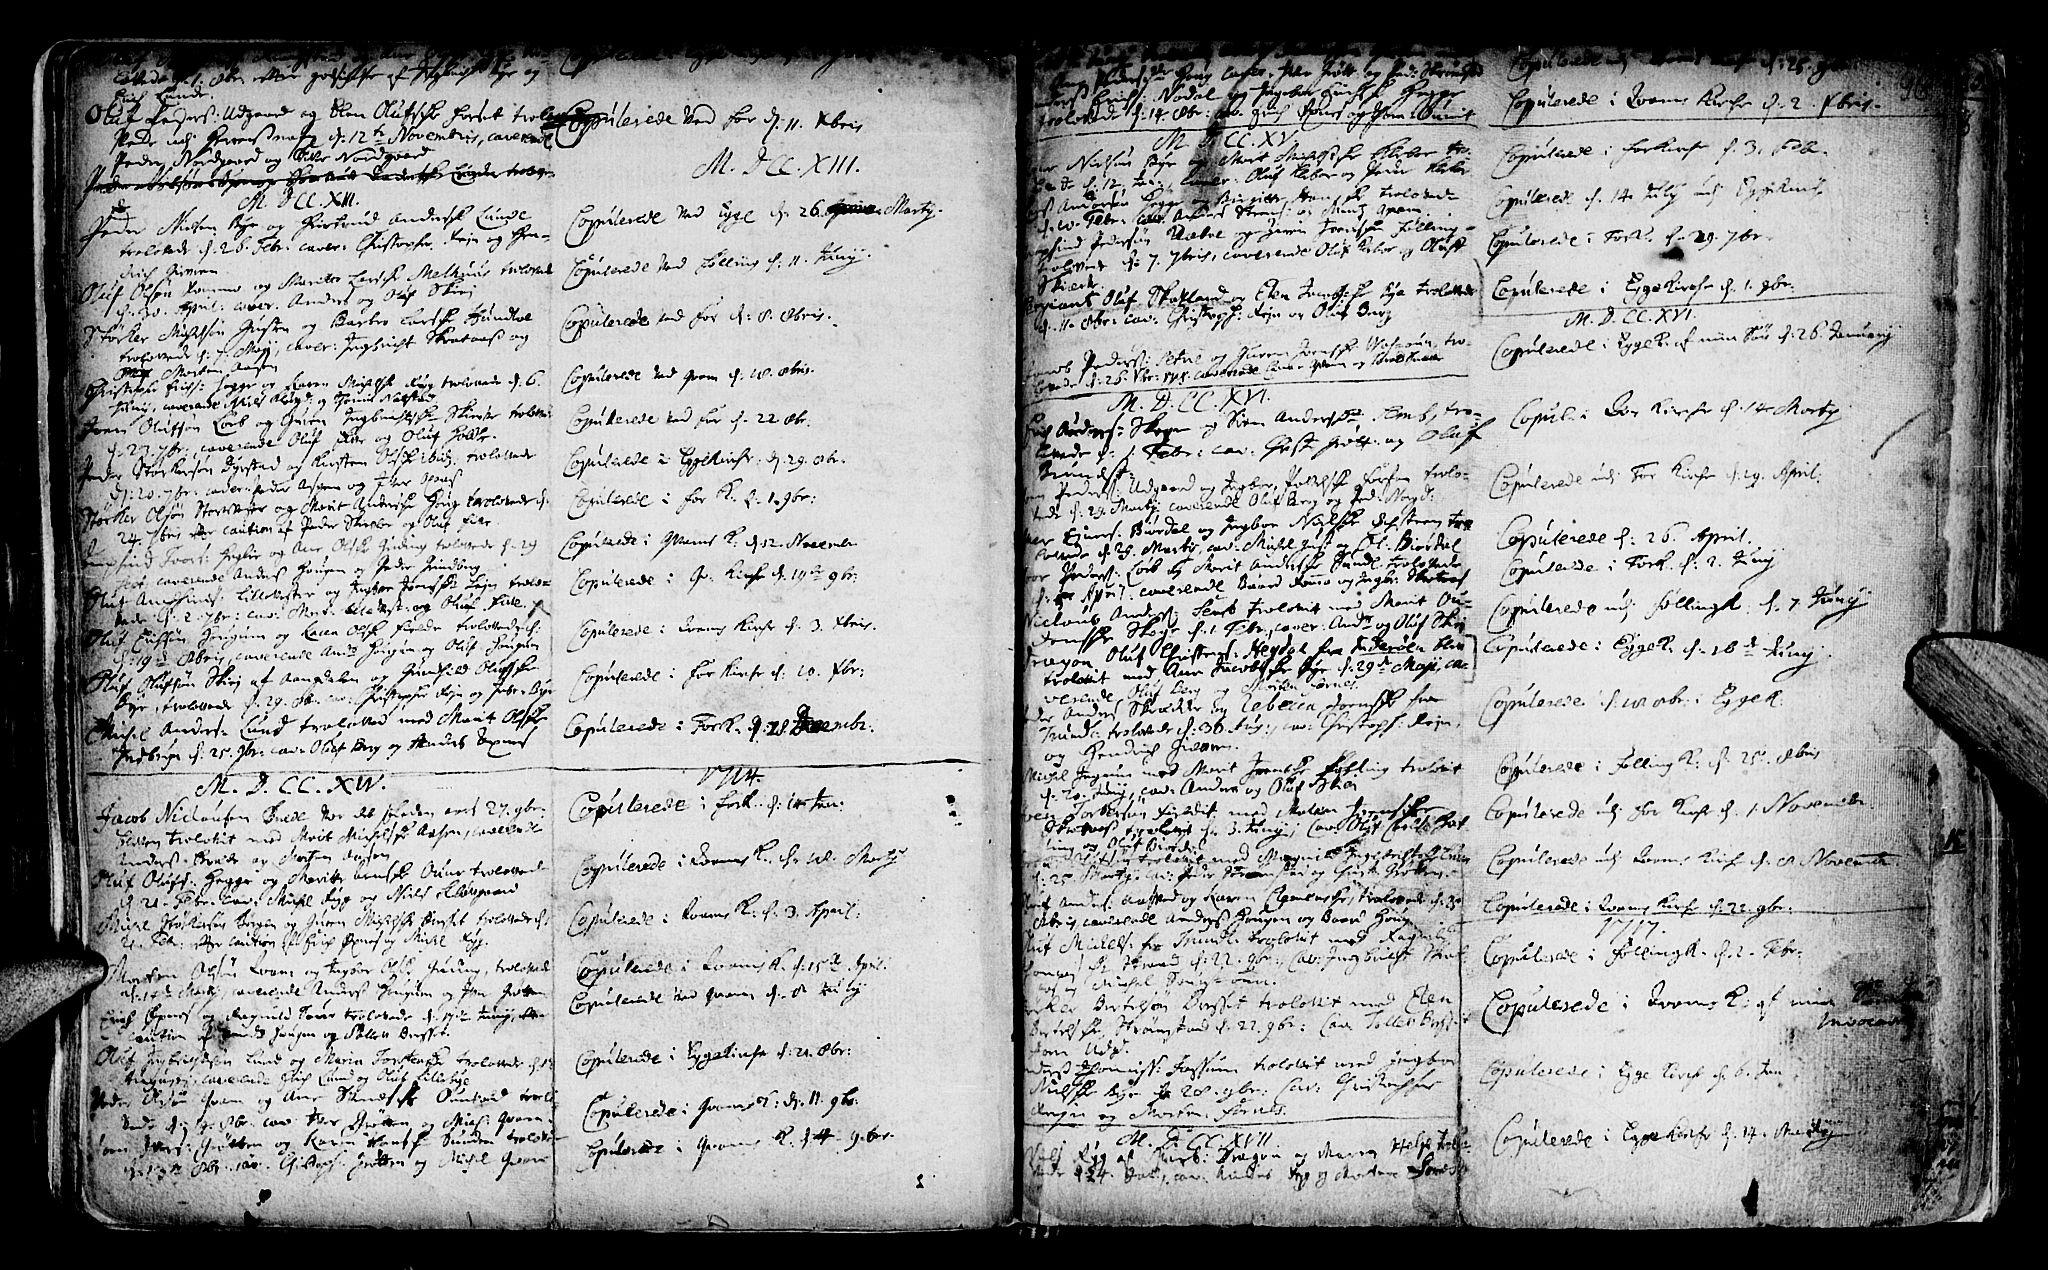 SAT, Ministerialprotokoller, klokkerbøker og fødselsregistre - Nord-Trøndelag, 746/L0439: Ministerialbok nr. 746A01, 1688-1759, s. 96